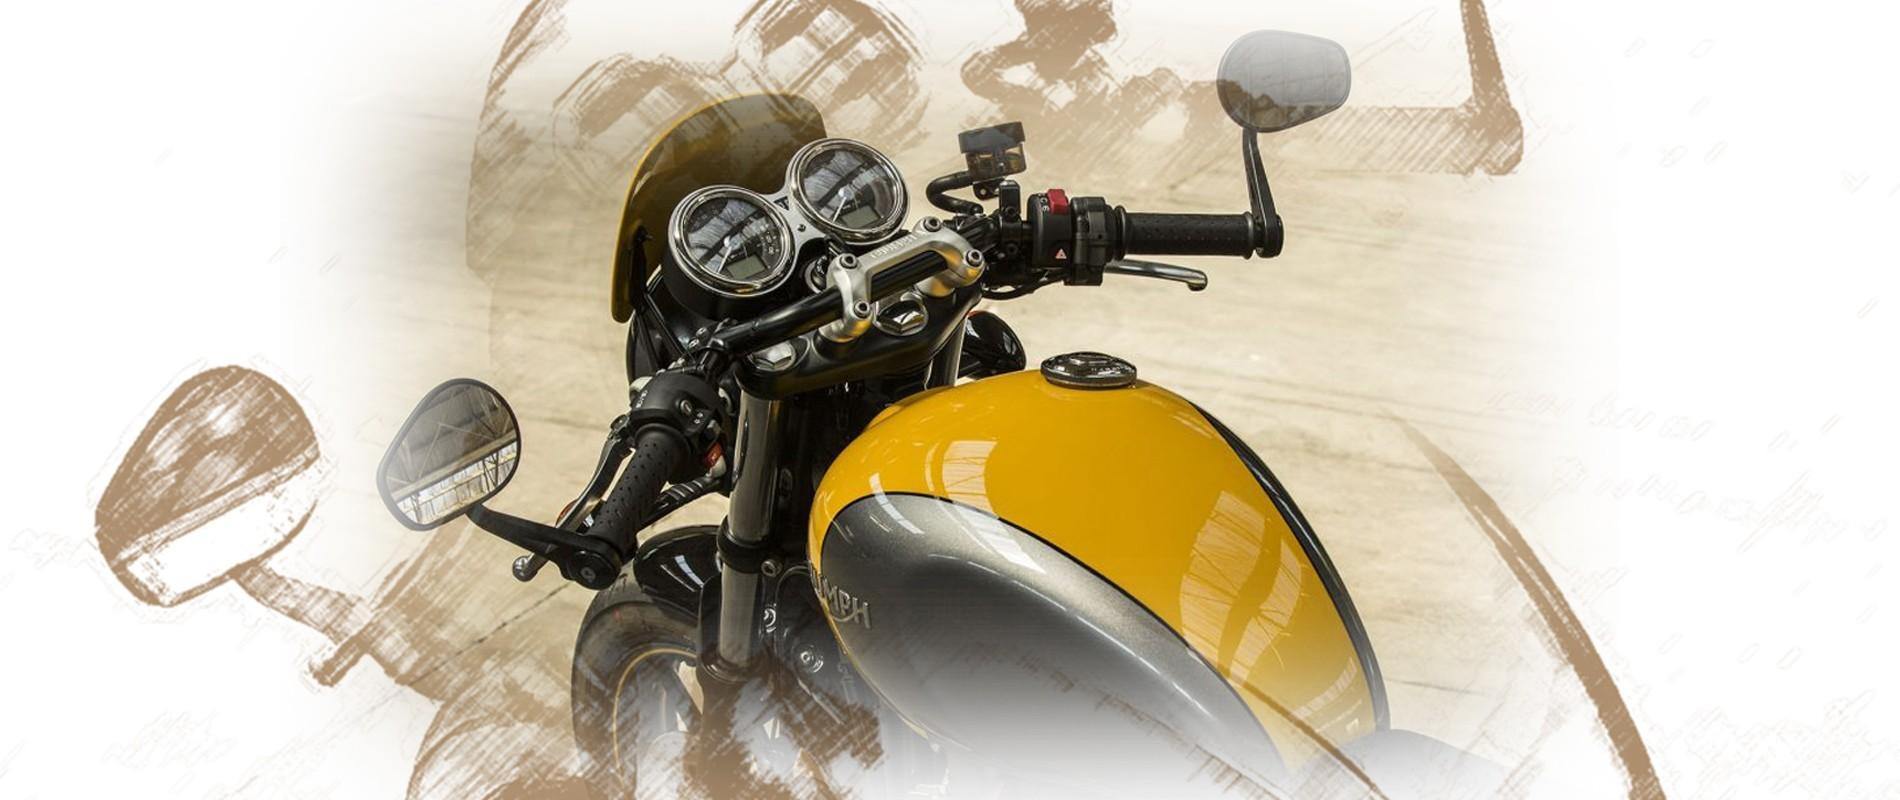 motor da moto parou